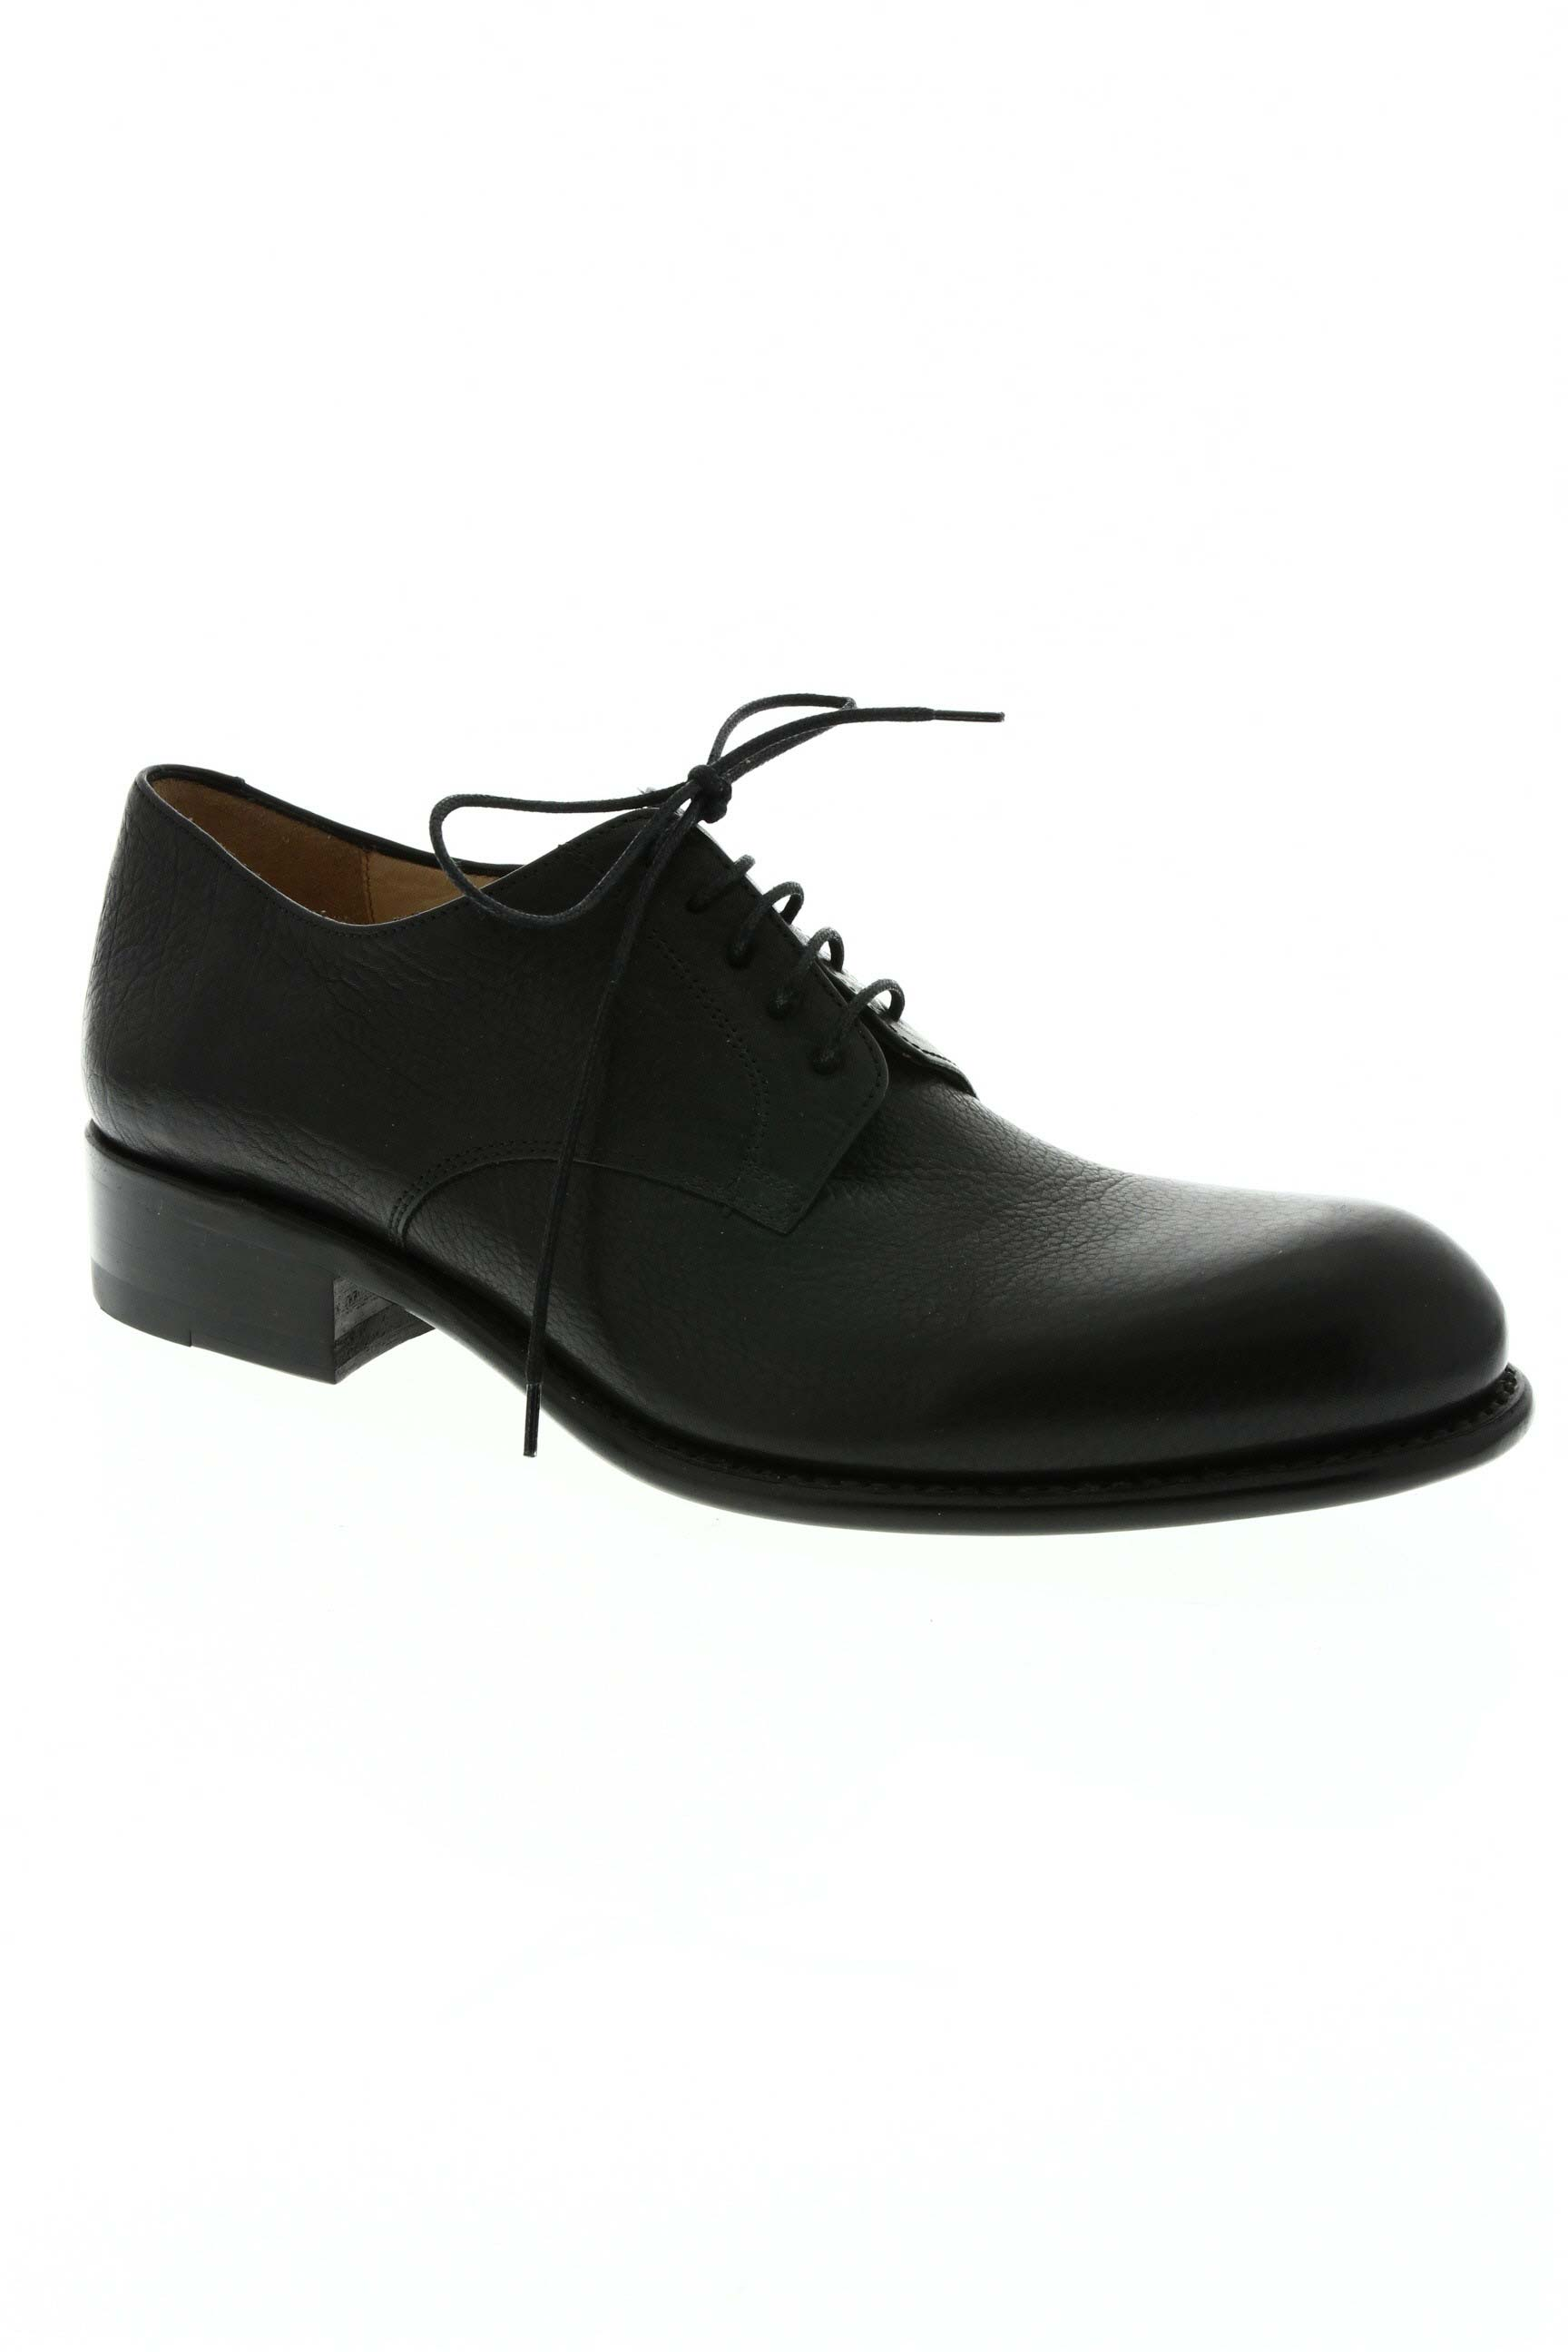 Baptiste En Jean Noir00 De 1091295 Chaussures Soldes Pas Modz Rautureau Noir Cher Derbies Couleur 8ONPXwn0k